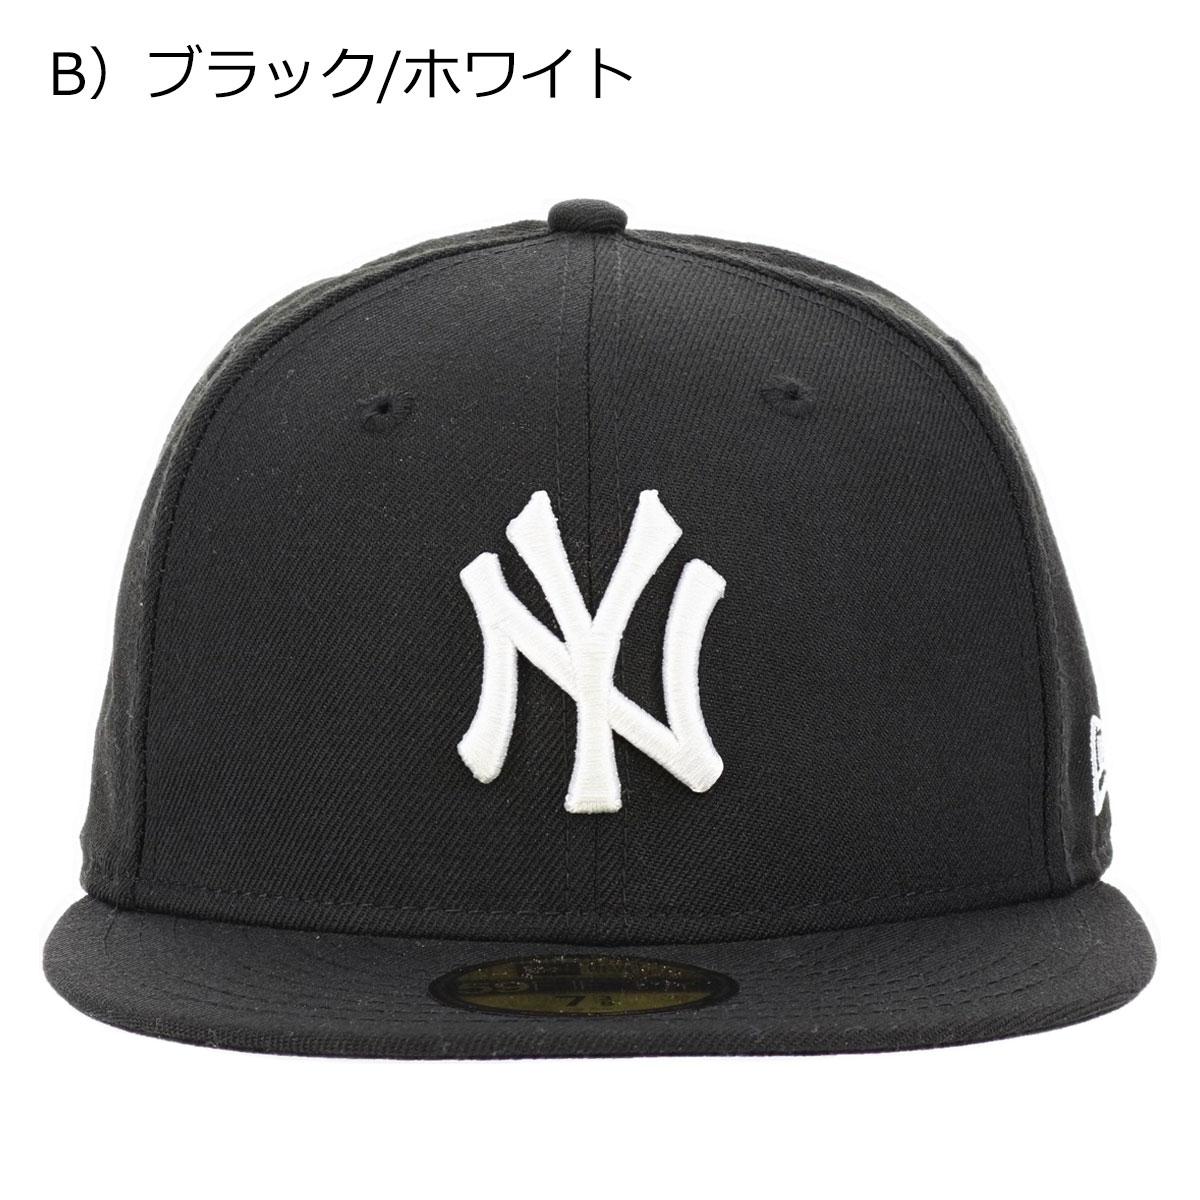 B)ブラック/ホワイト